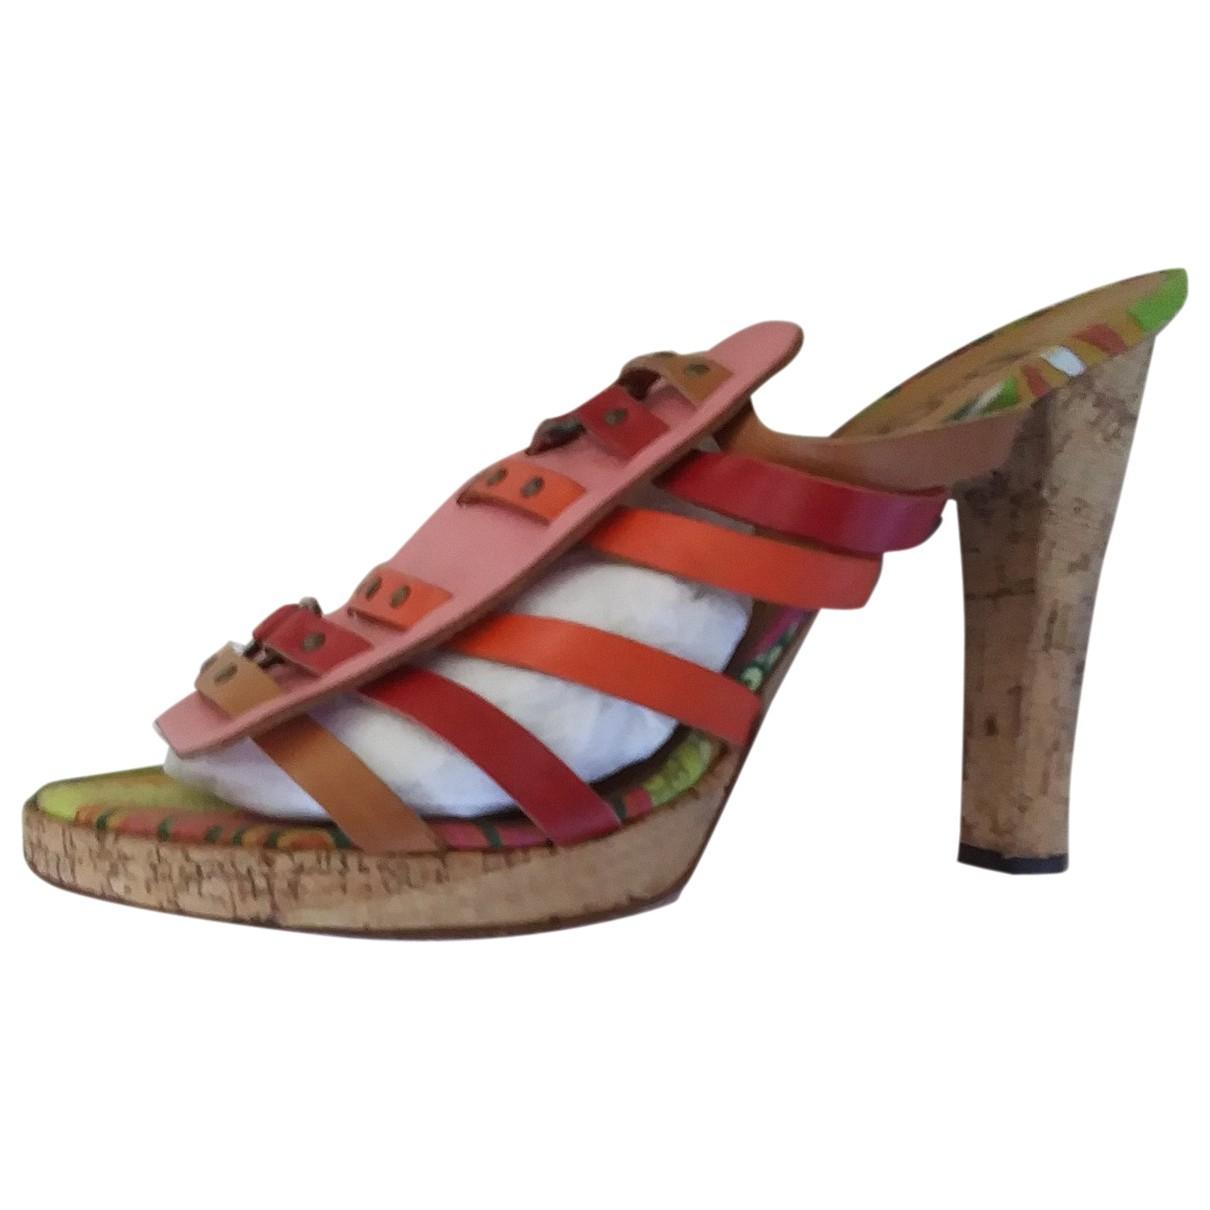 D&g \N Multicolour Leather Mules & Clogs for Women 40 EU